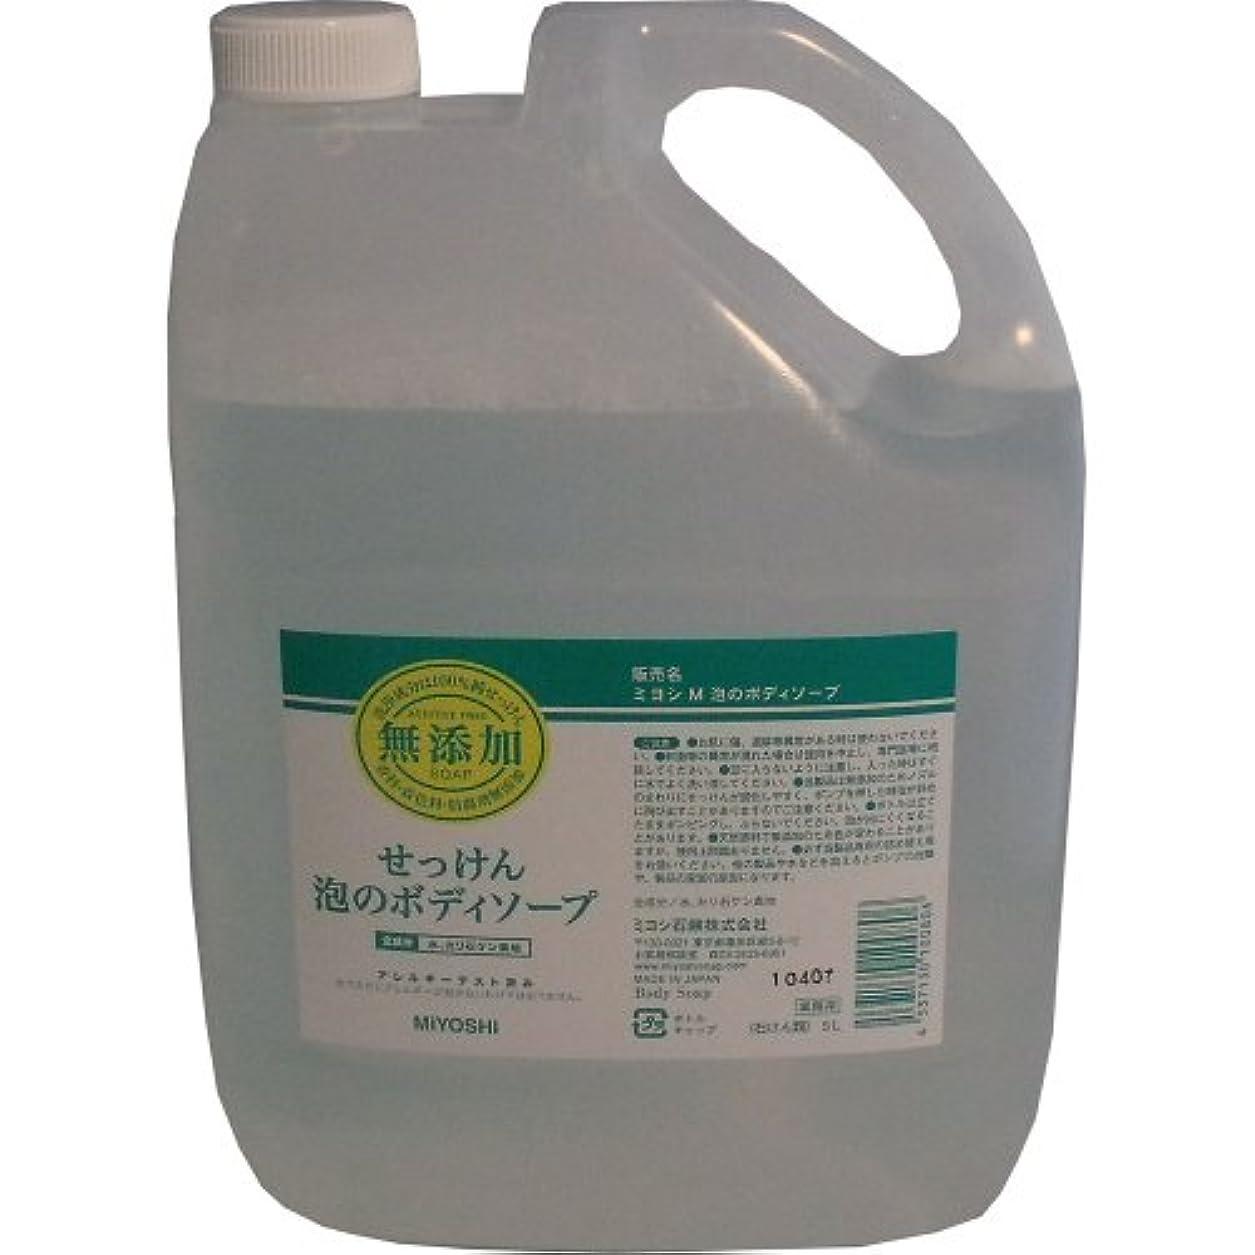 パラナ川少ないツイン合成界面活性剤はもちろん、香料、防腐剤、着色料などは一切加えていません!無添加せっけん 業務用 泡のボディソープ 詰替用 5L【4個セット】